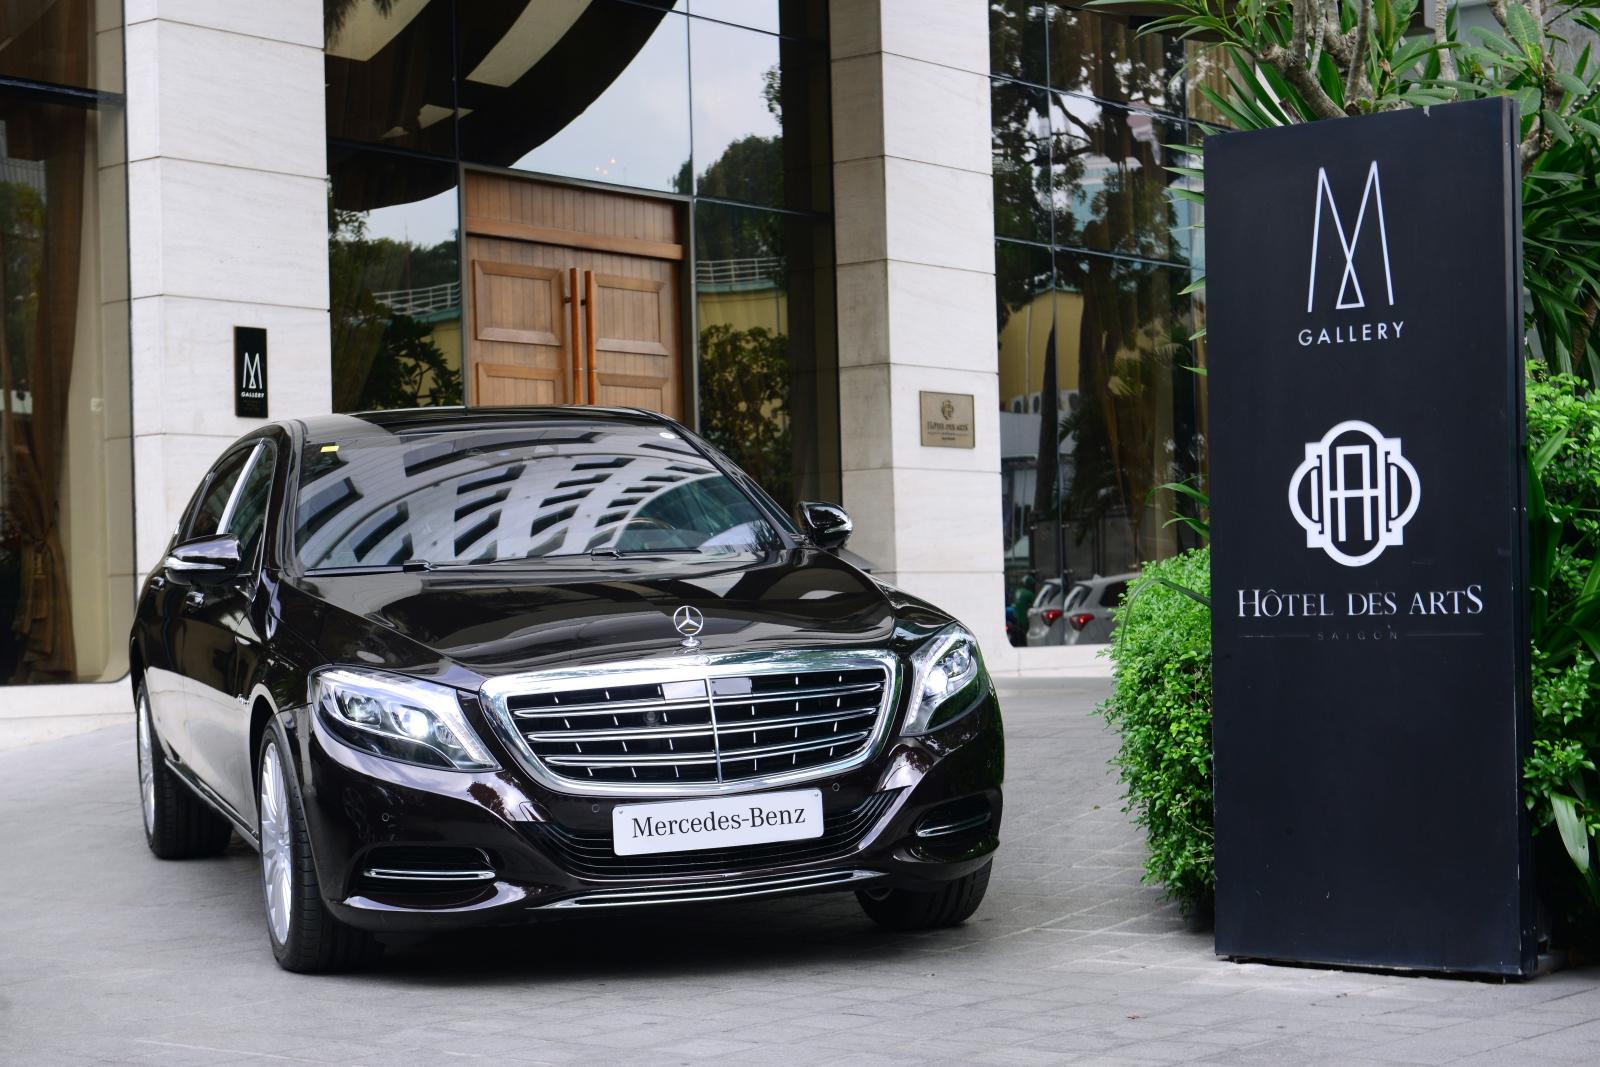 Mercedes-giao-xe-7-cho-an-toan-5-sao-cho-khach-dai-gia-Sai-Gon-anh-3